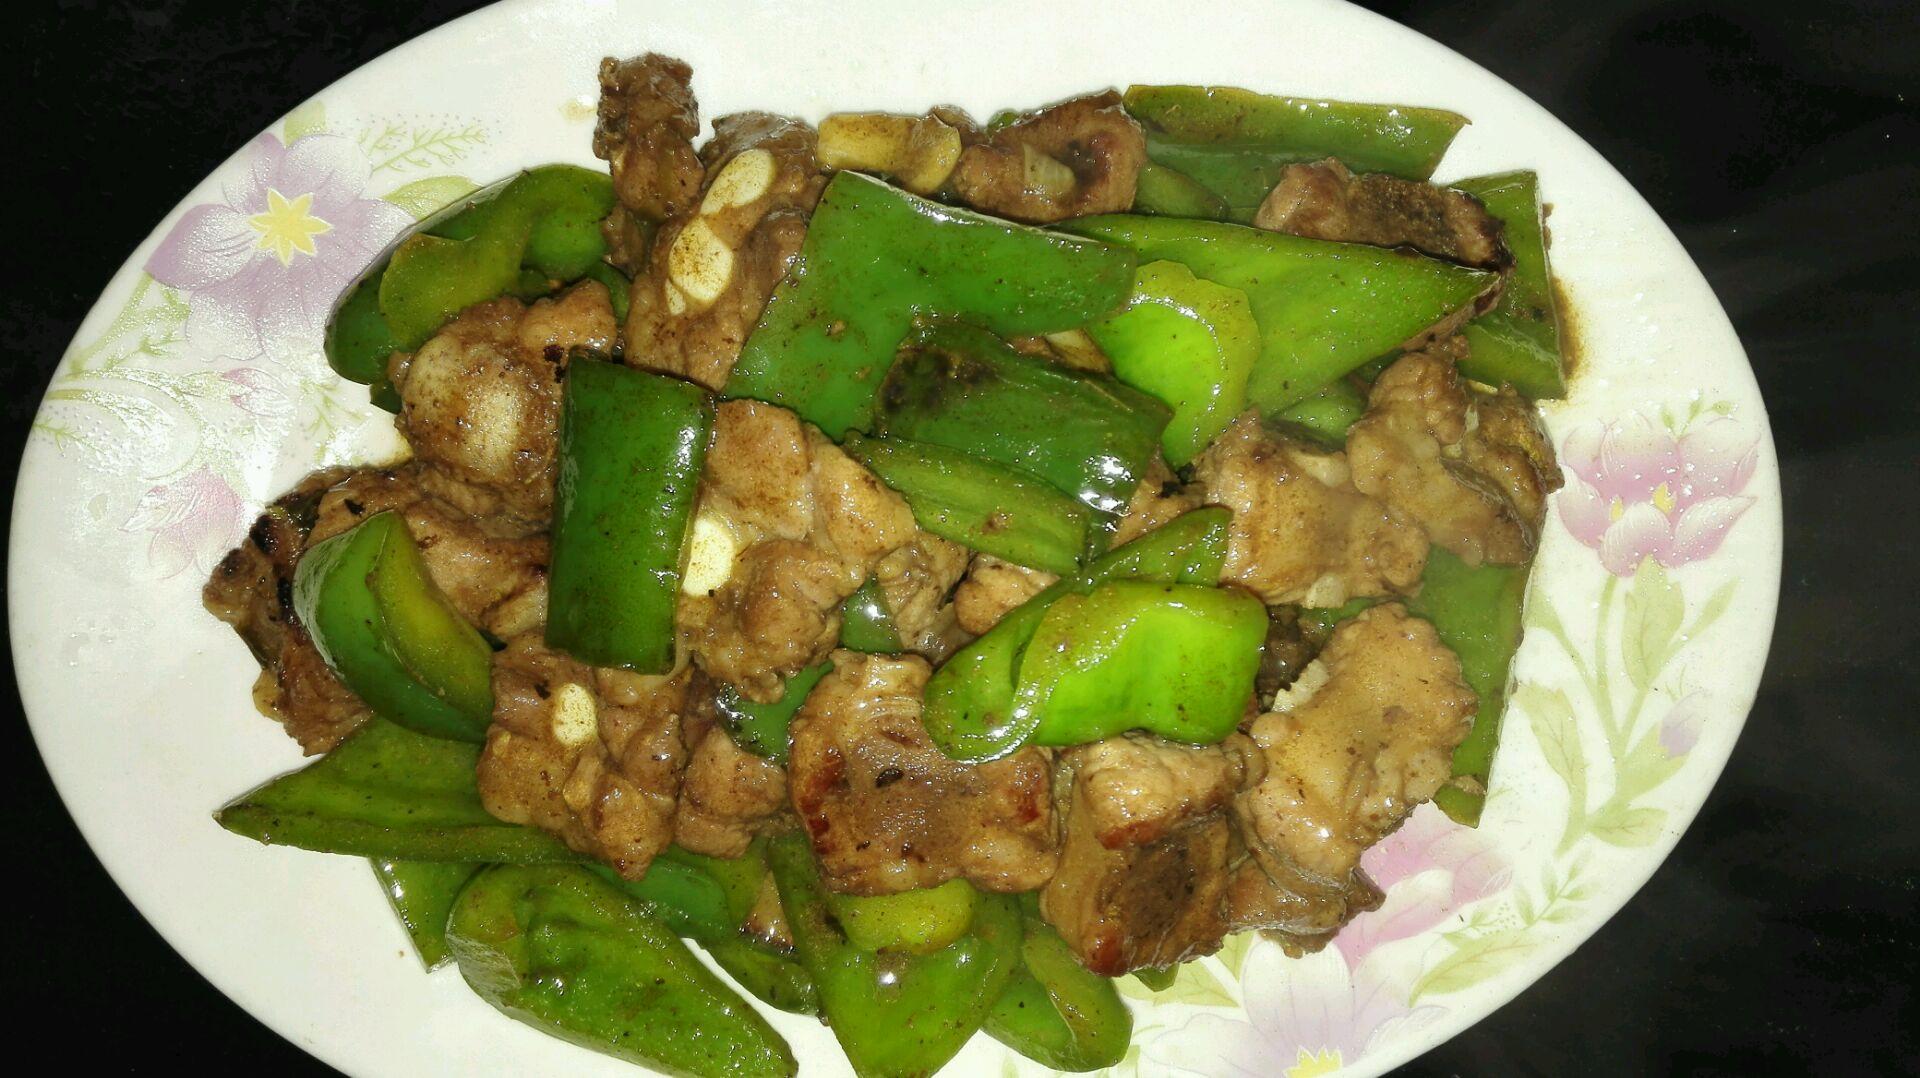 做法炒美食的洋葱_鸭蛋_豆果菜谱排骨炒青椒有毒吗图片